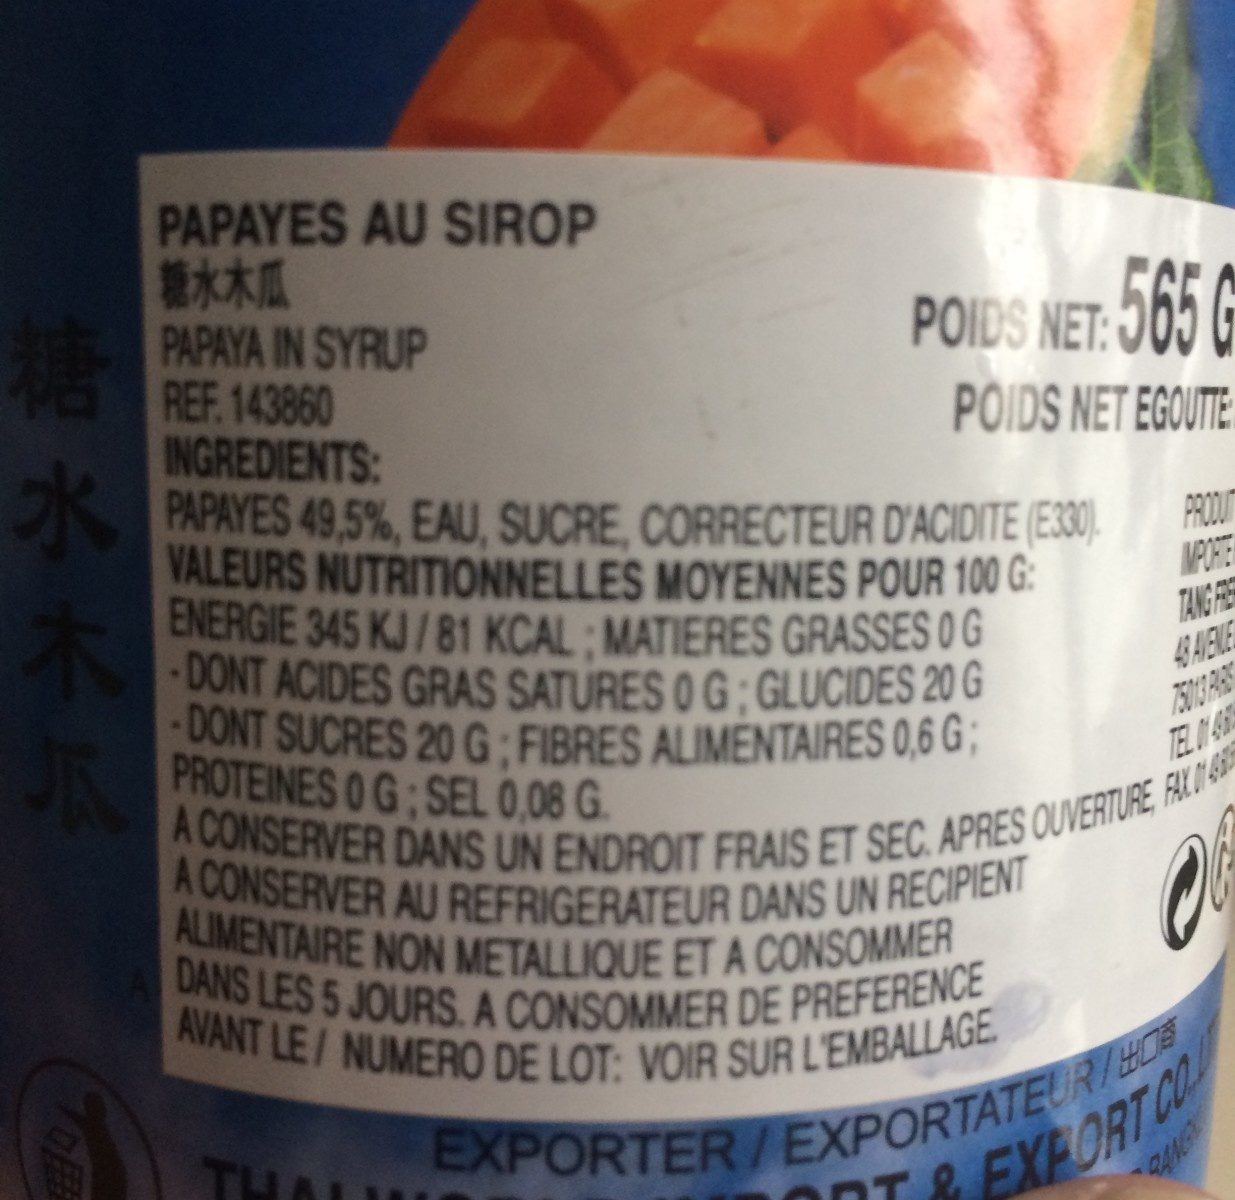 Papaye au sirop - Ingrediënten